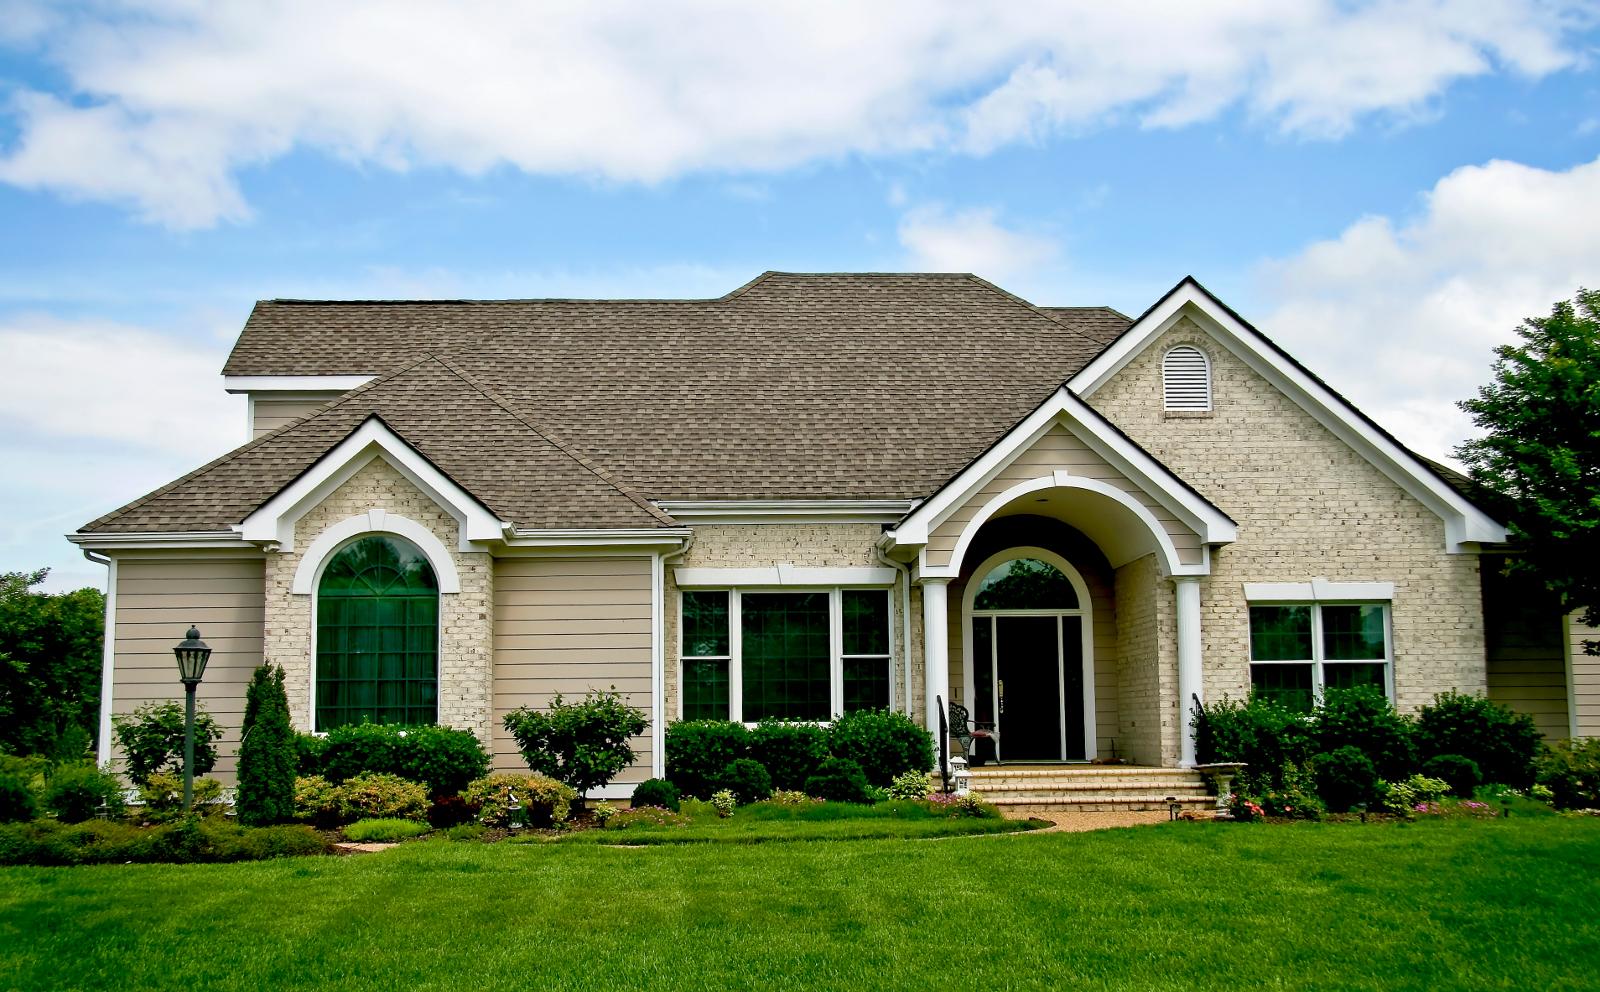 Arricchire la propria casa con complementi d'arredo di lusso personalizzati